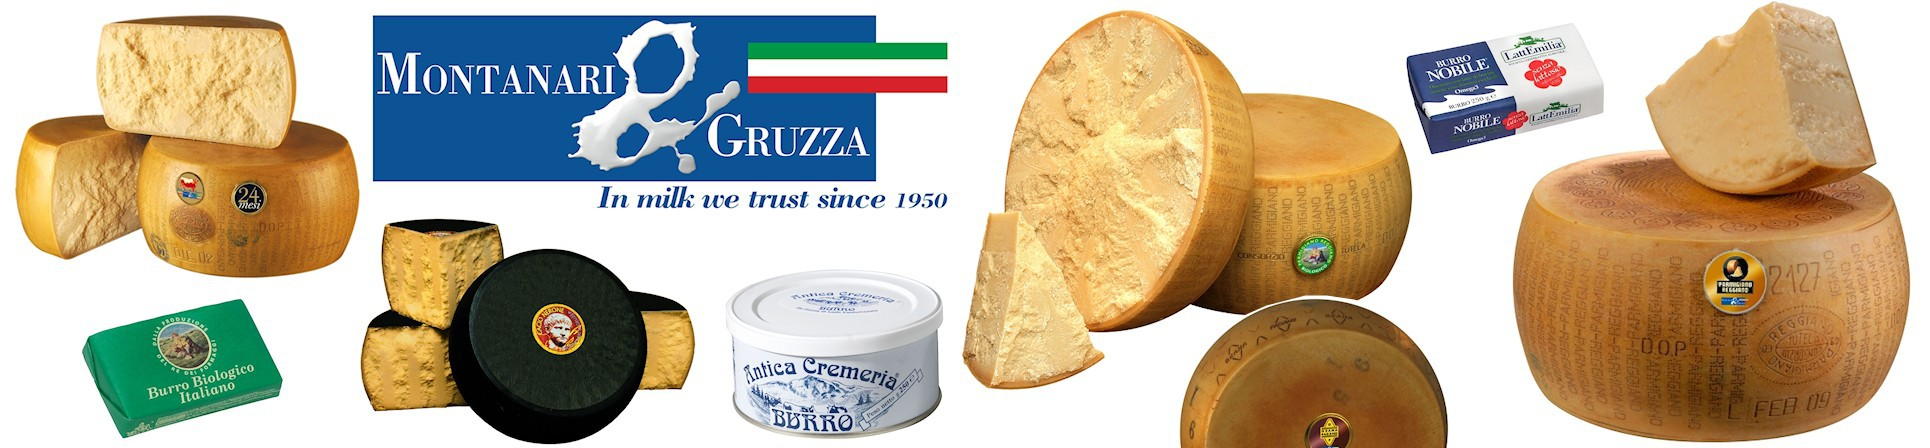 B2B GUSTOX - il Marketplace all'ingrosso delle eccellenze agroalimentari italiane - Grana Padano Dop - MONTANARI & GRUZZA